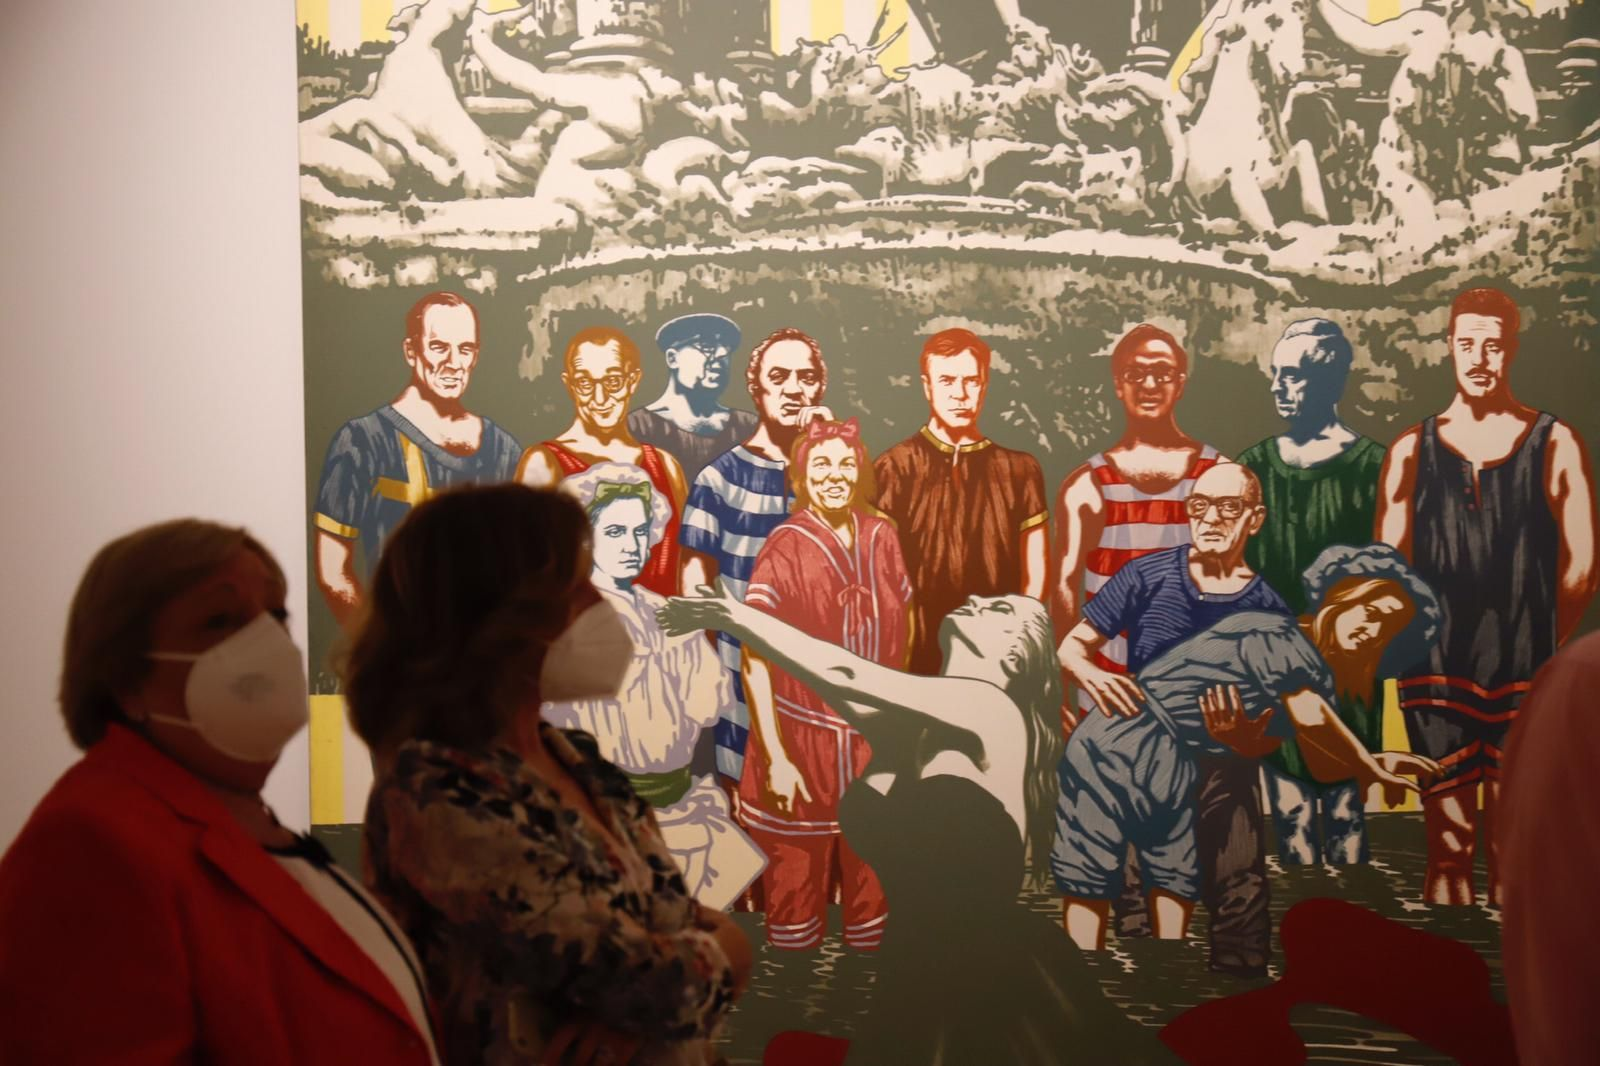 Inauguración de la sala de exposiciones temporales 'Eugenio Chicano' en el Museo de Málaga